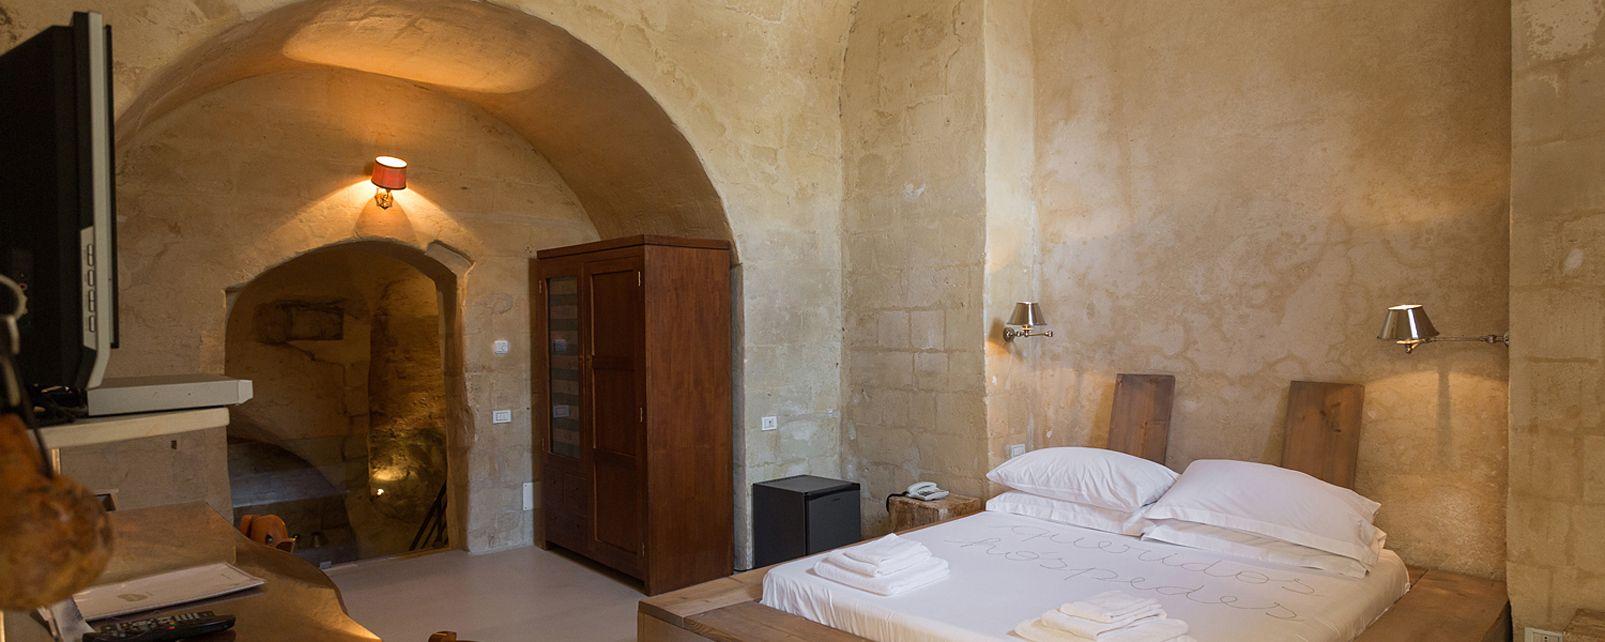 Hotel L'Hotel In Pietra